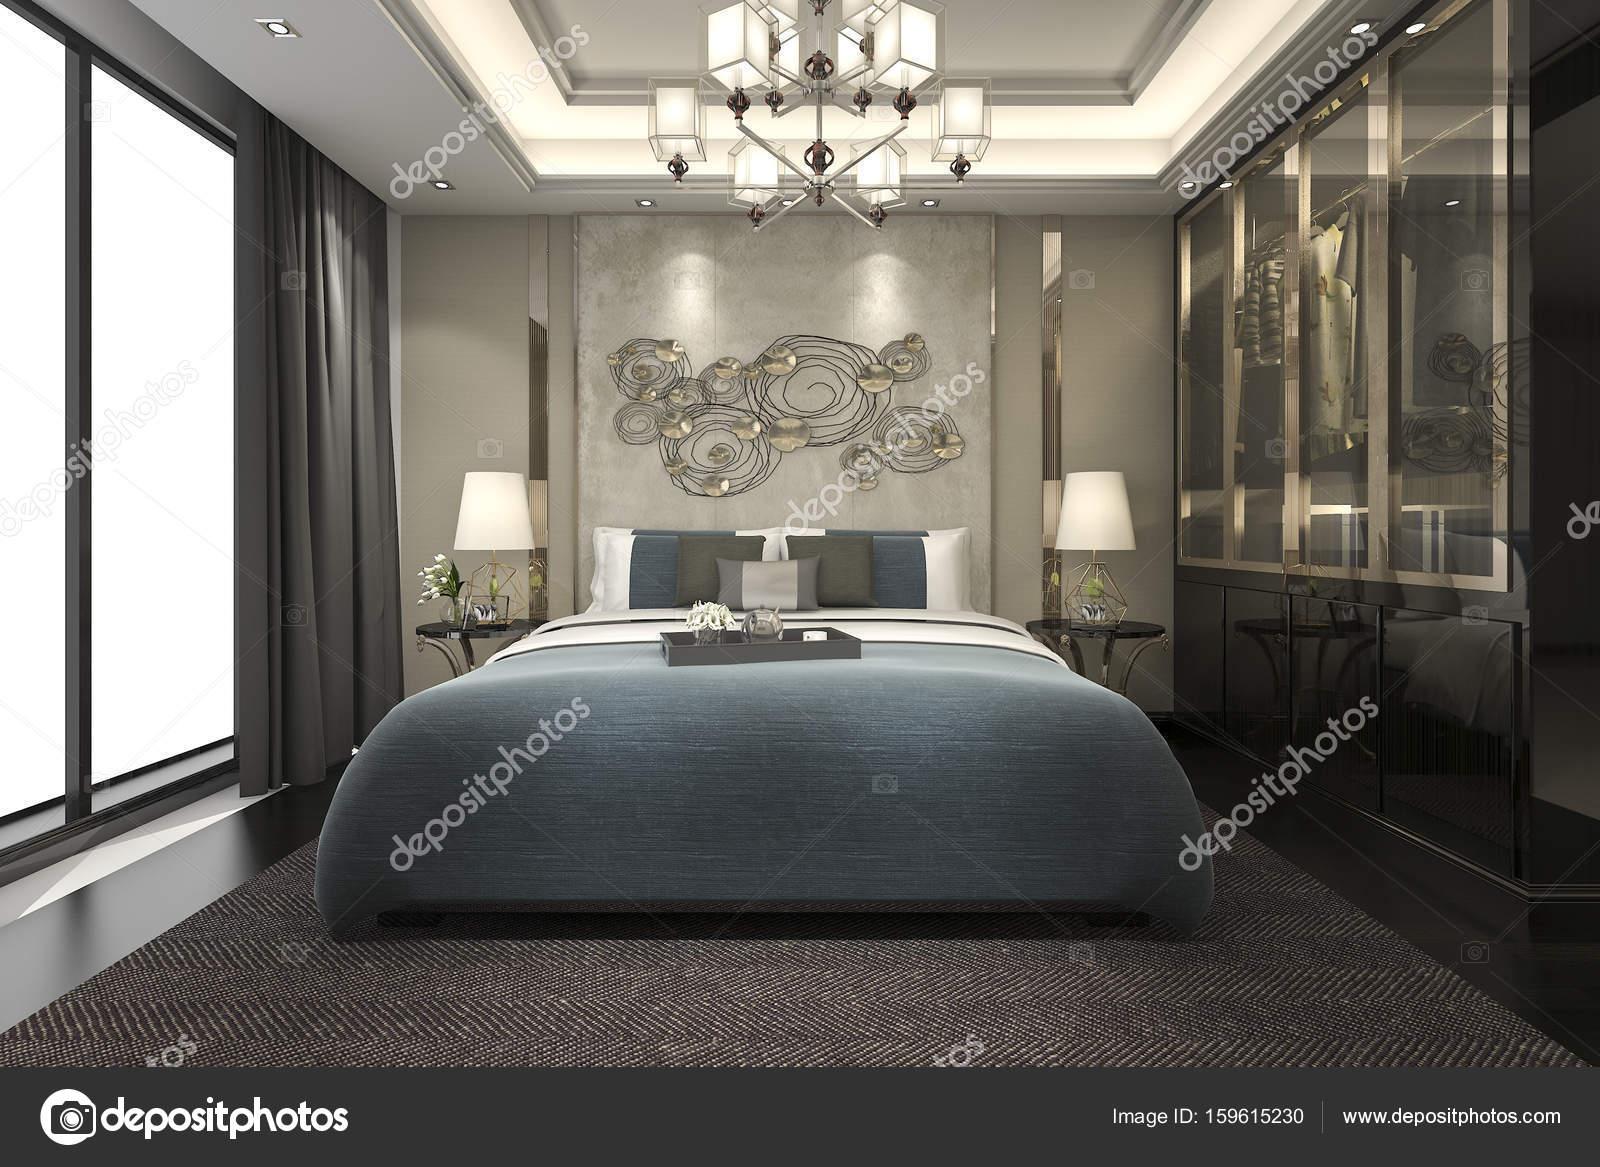 bed size with walk nice image of in bedroom queen floor interior stock photo spacious closet wooden